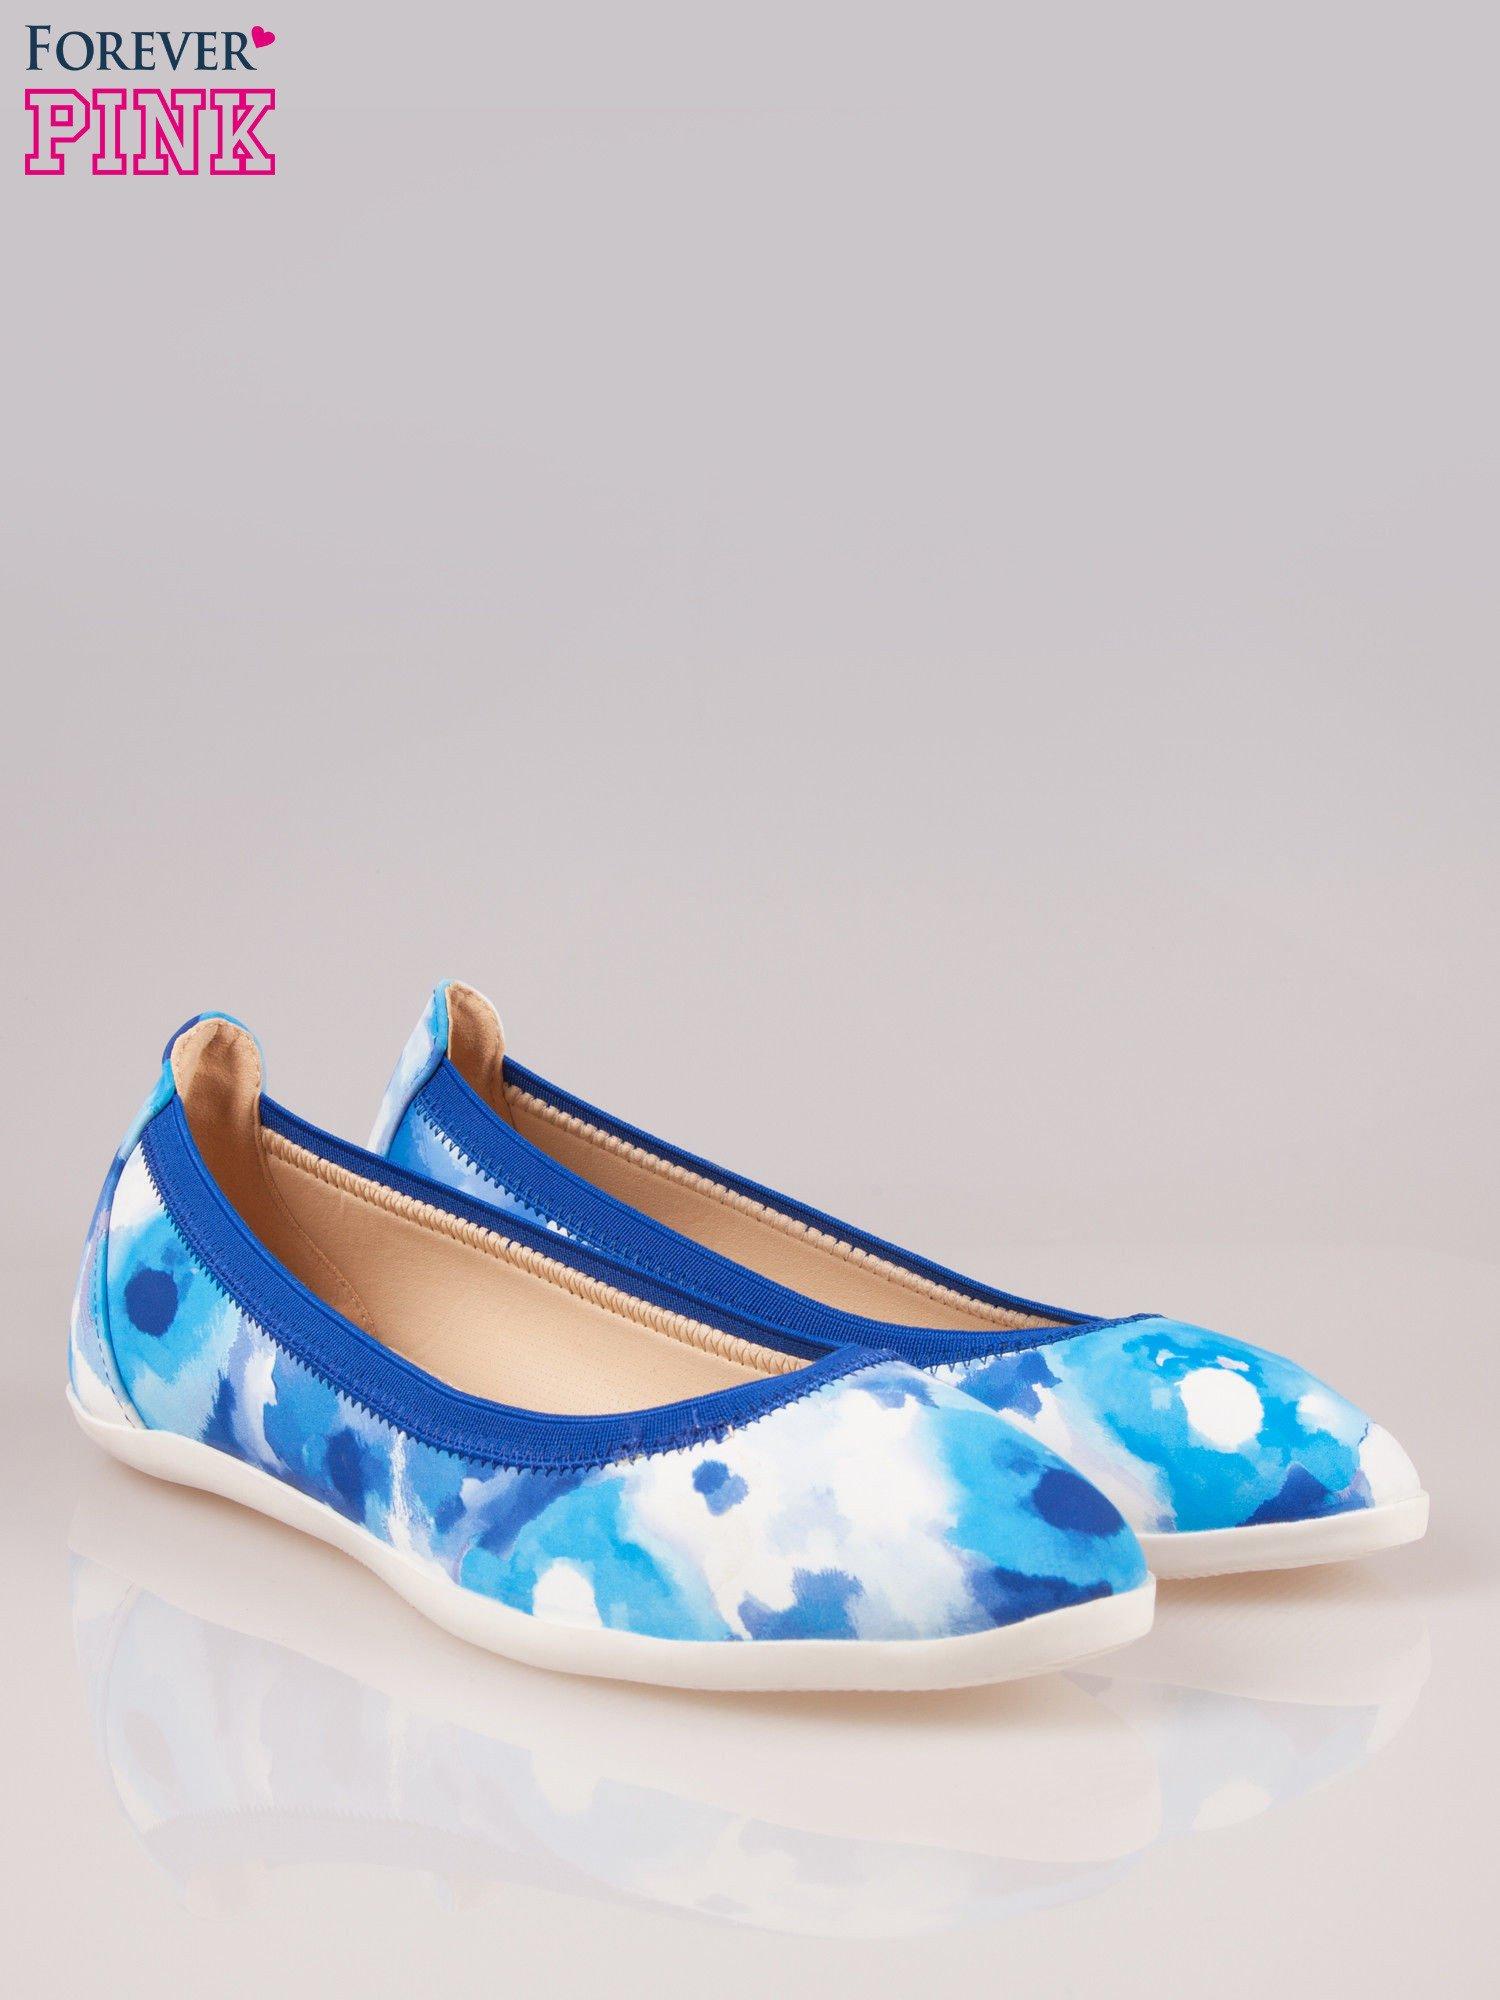 Niebiesko-białe kwiatowe baleriny Lily na gumkę                                  zdj.                                  2